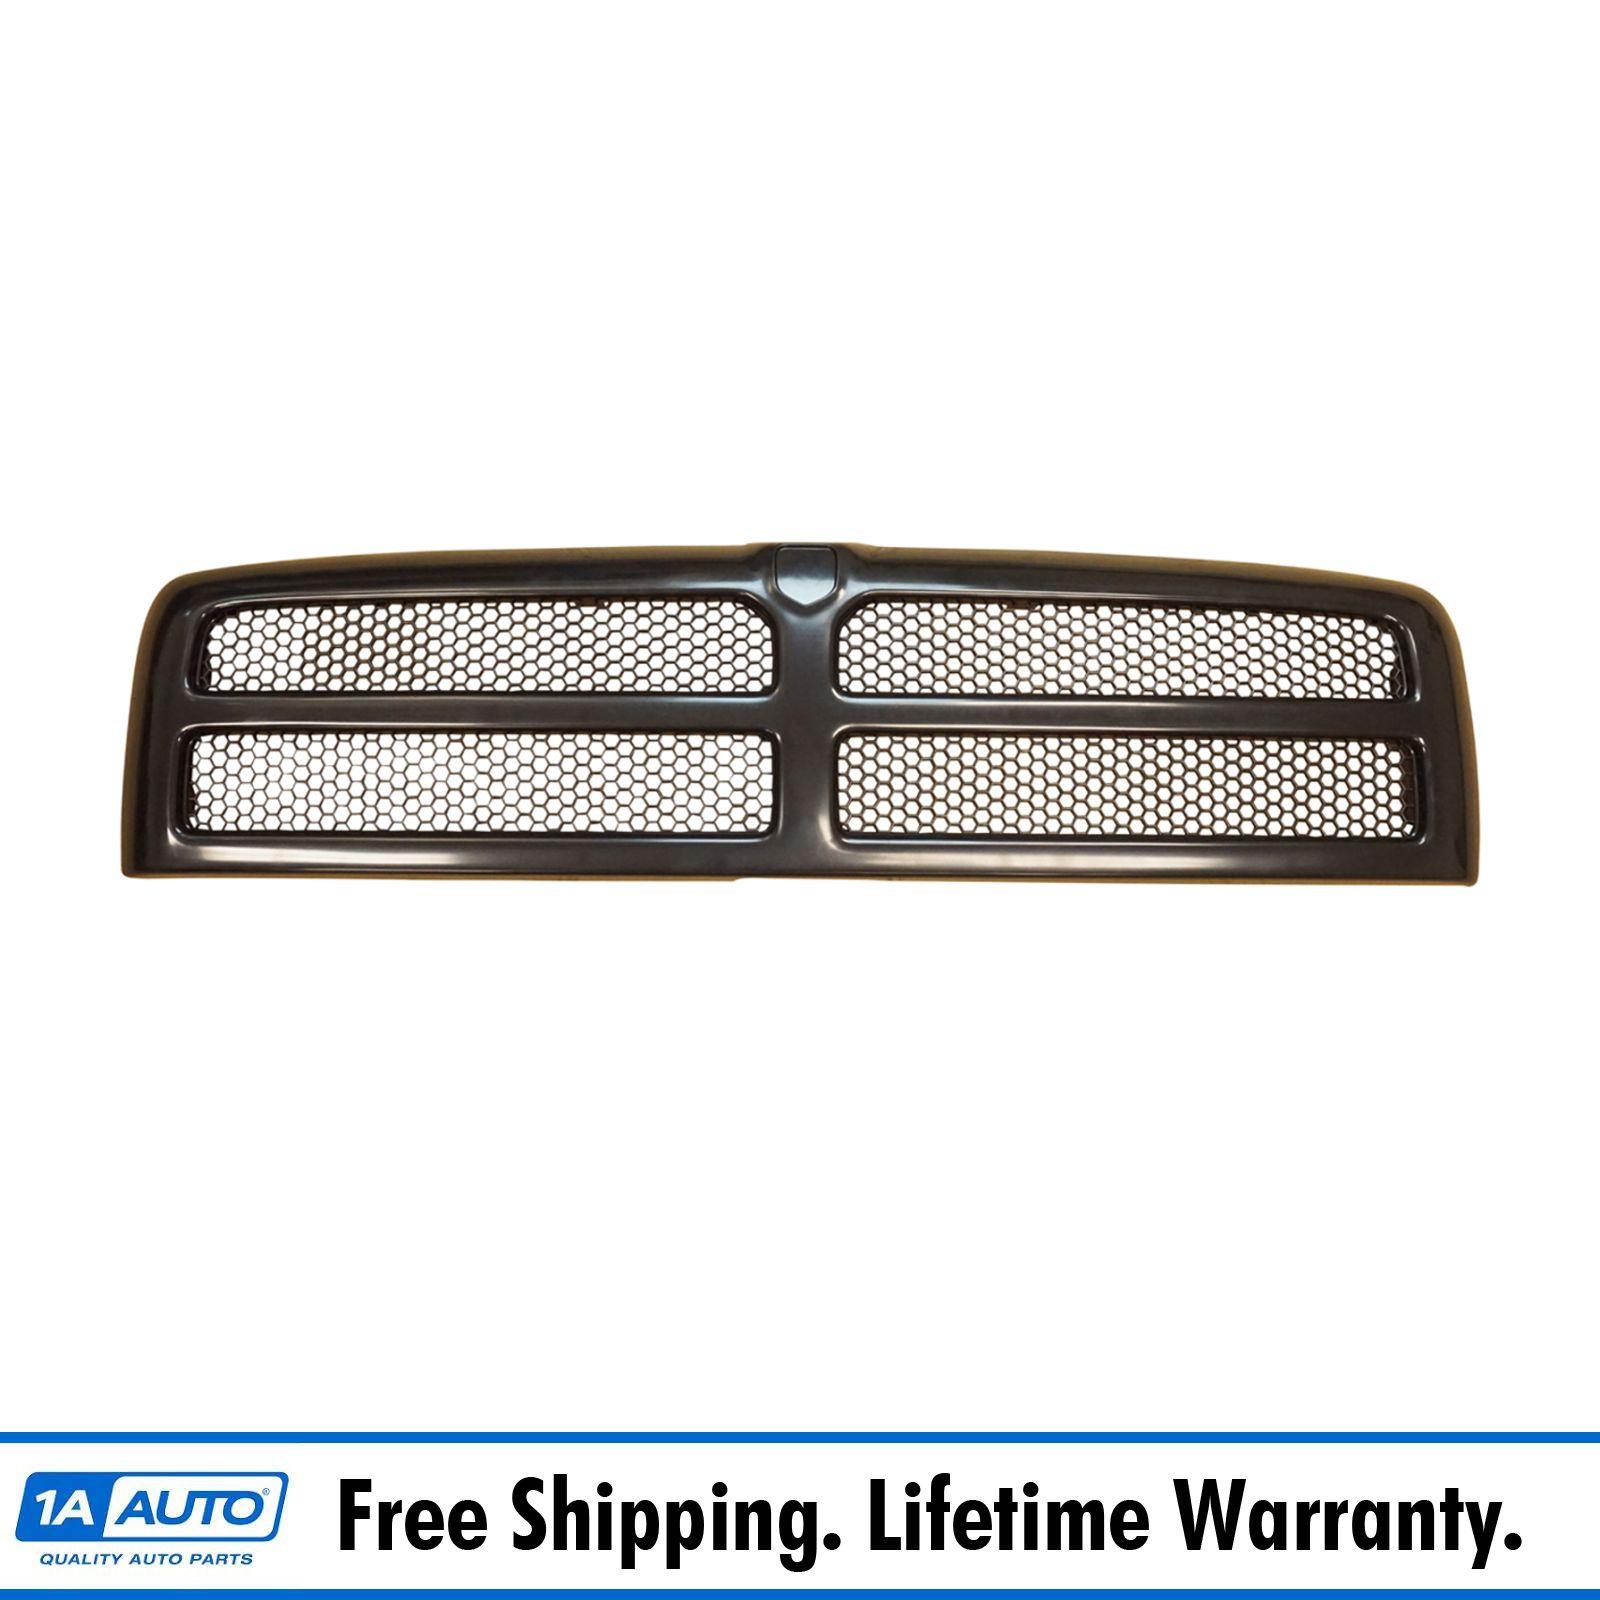 grille grill black front for dodge ram 1500 2500 3500 pickup truck. Black Bedroom Furniture Sets. Home Design Ideas